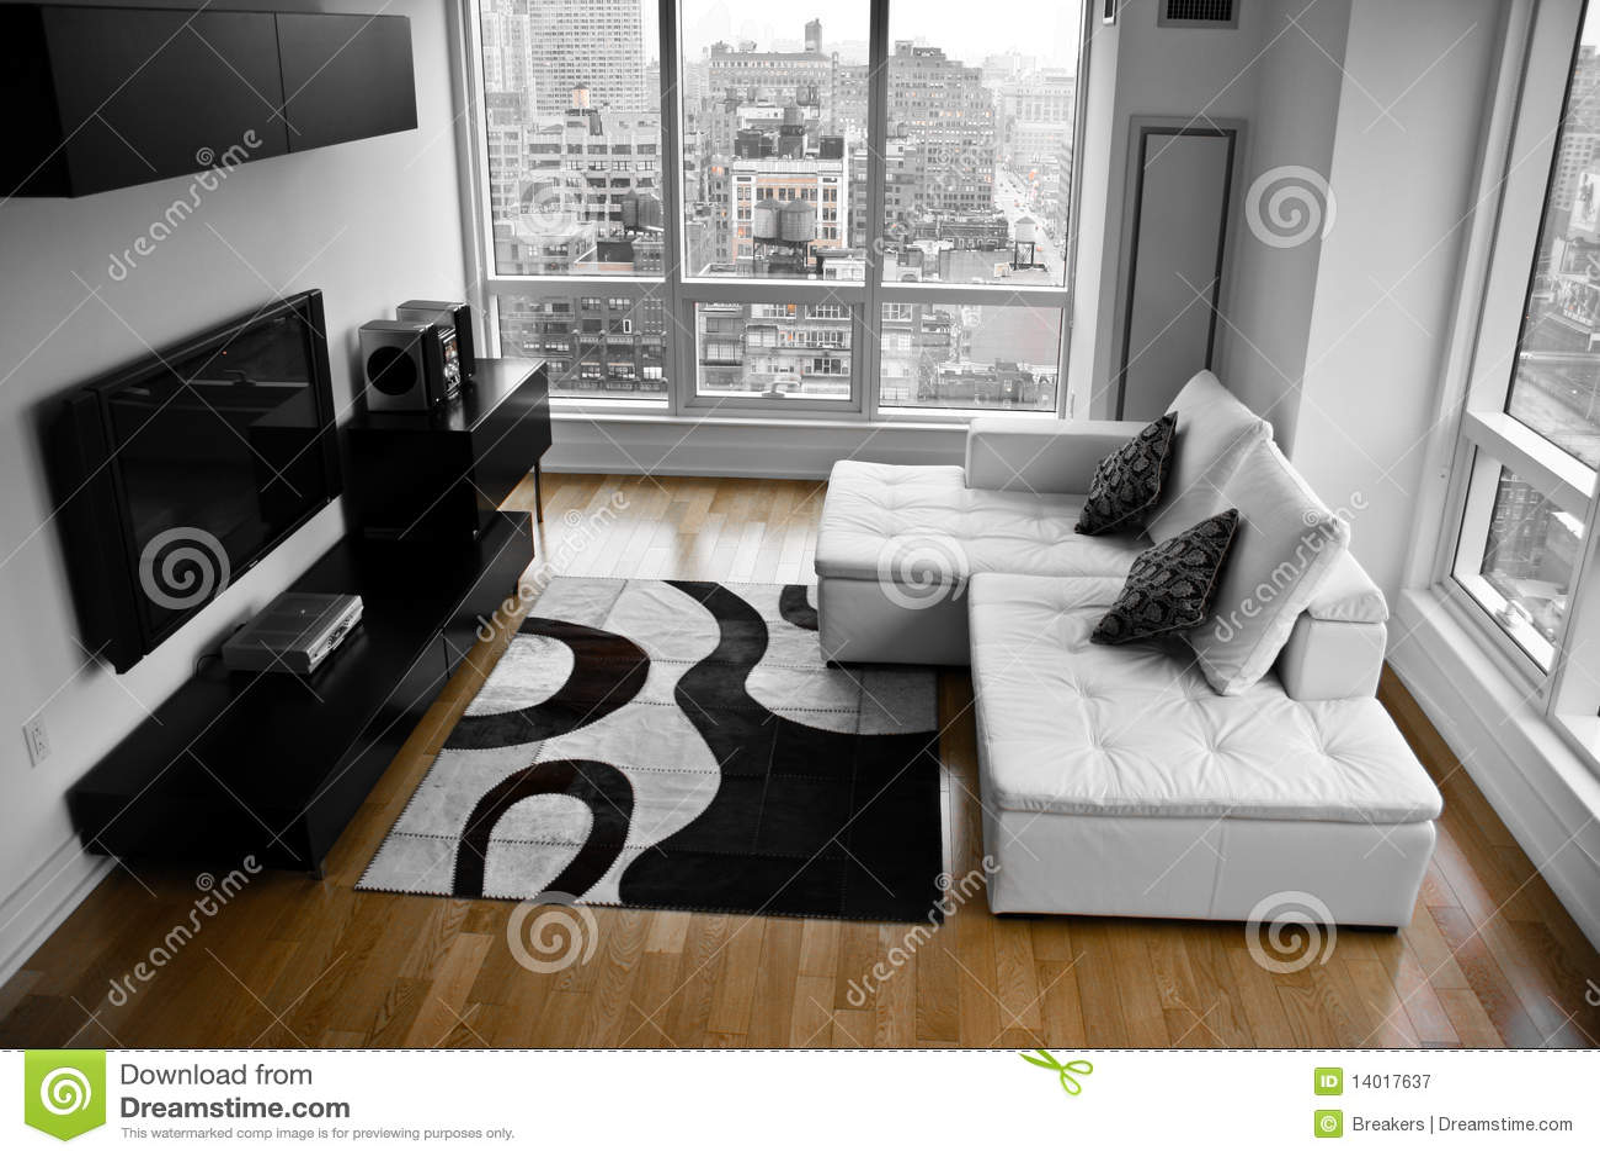 eine junggeselle auflage ein modernes wohnzimmer. Black Bedroom Furniture Sets. Home Design Ideas